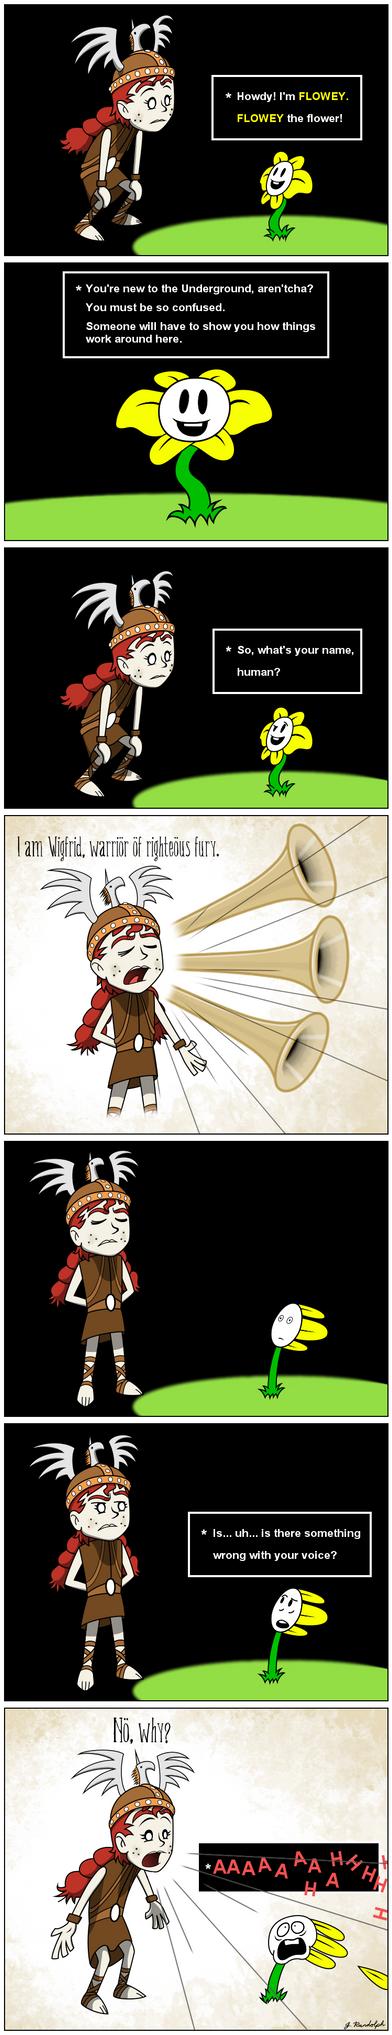 Wigfrid in Undertale - page 1 by Arrog-Ent-Alien